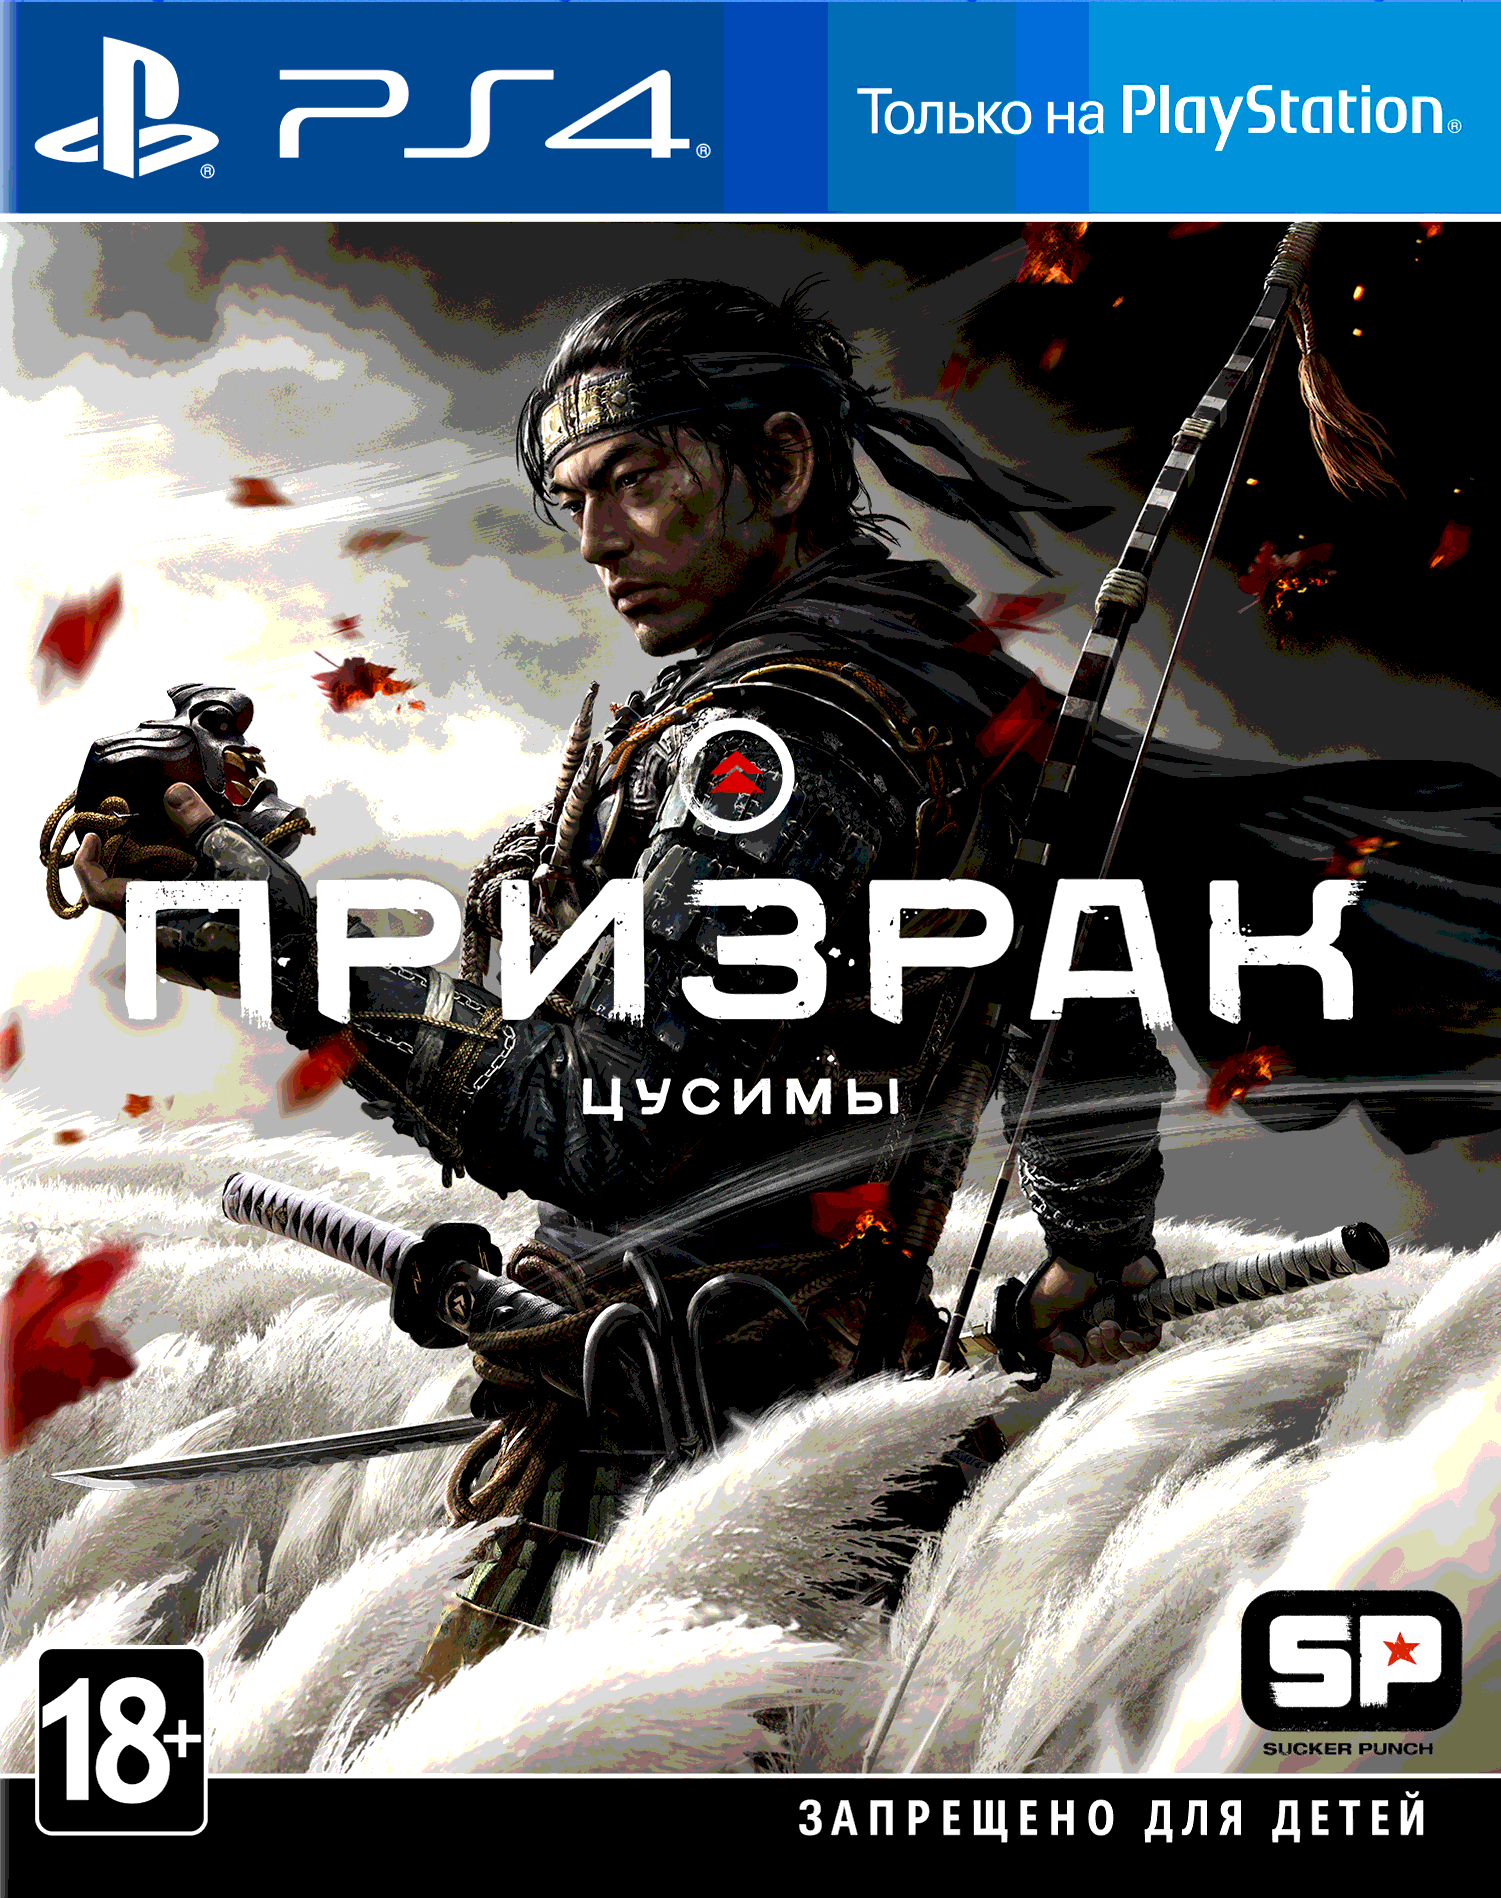 Предзаказ игры Мстители Marvel. Издание Deluxe для PlayStation 4 в Минске